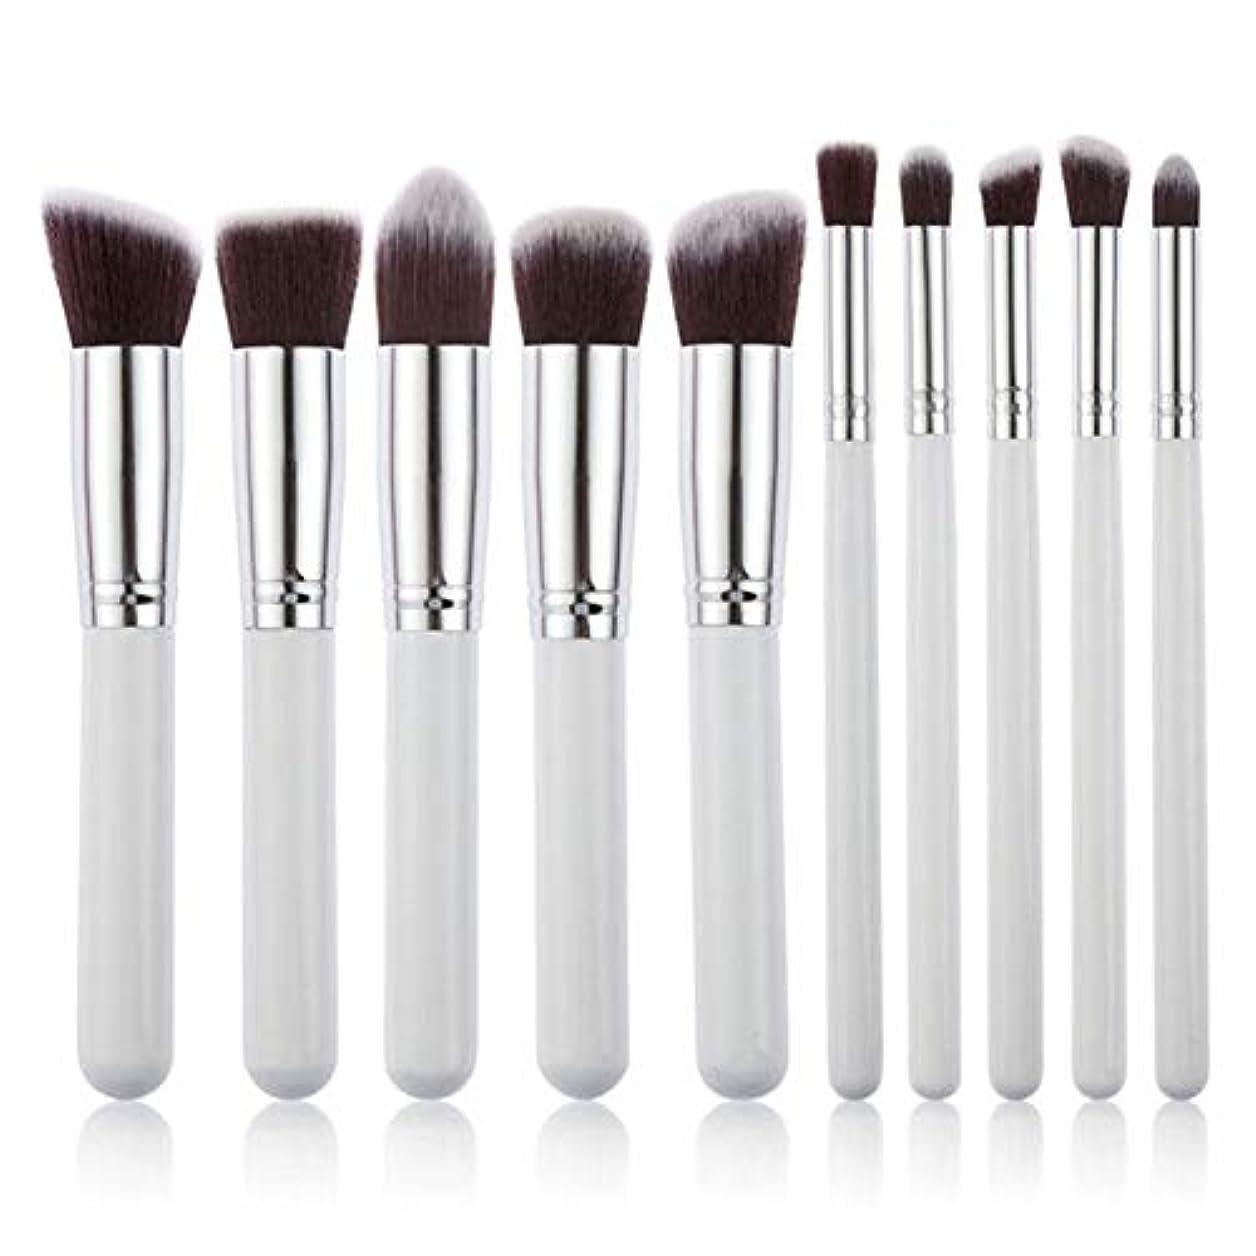 出費好み自己Makeup brushes 10ピースWhiteMakeupブラシセットモダンスラックパウダーブラシアイシャドウブラシコンターブラシ suits (Color : White Silver)